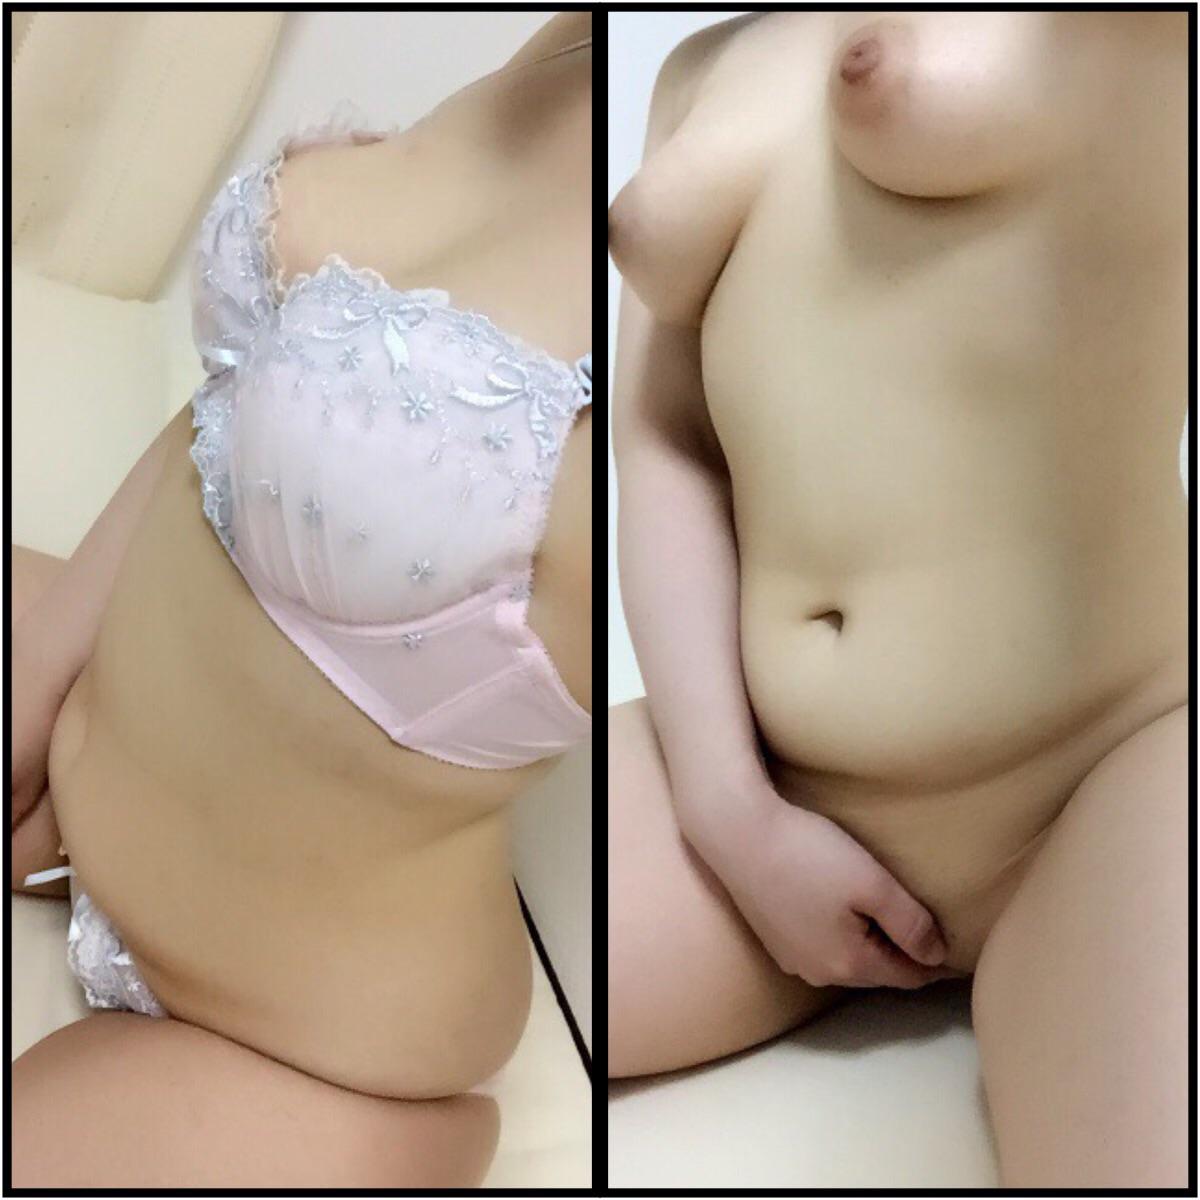 素人素人熟女ぽっこりお腹 20150625081054f9d.jpg